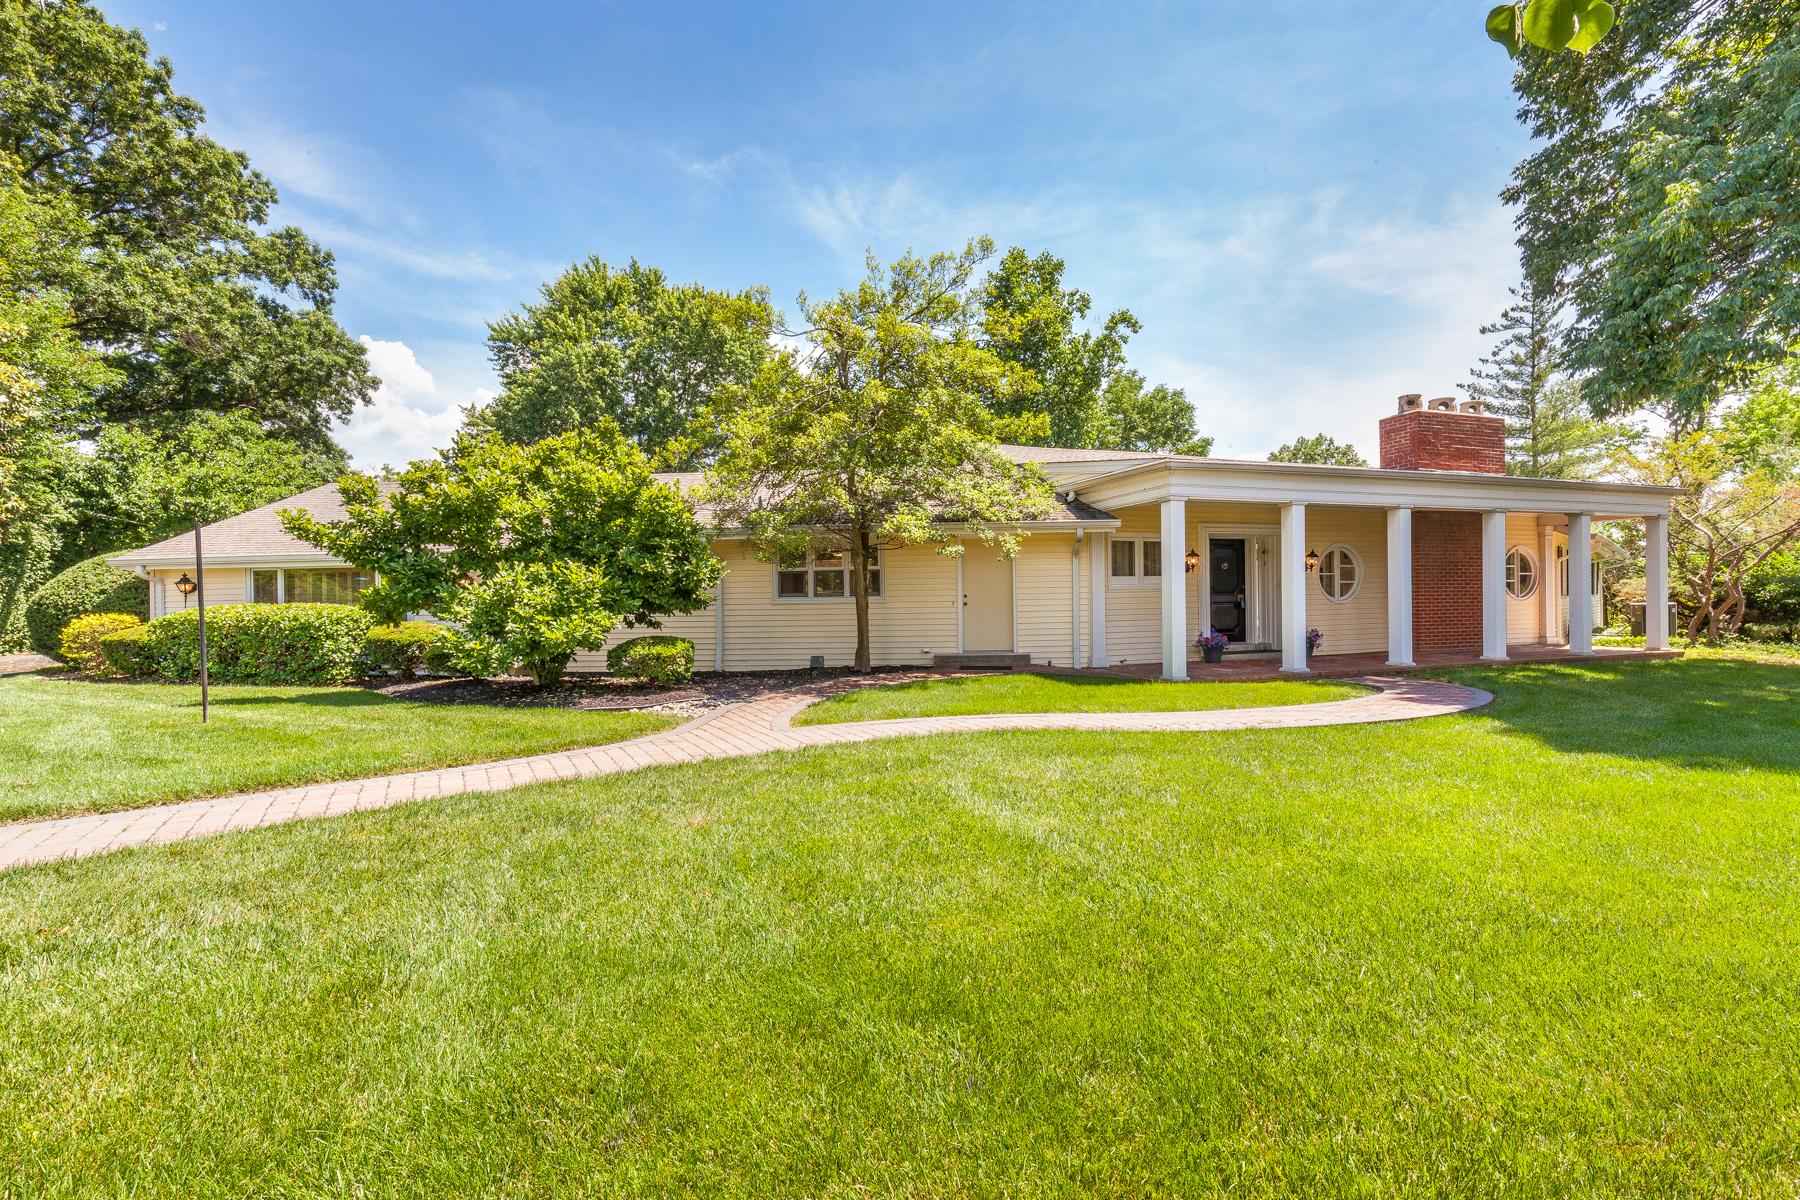 Maison unifamiliale pour l Vente à Clayton Road 12426 Clayton Road Town And Country, Missouri, 63131 États-Unis